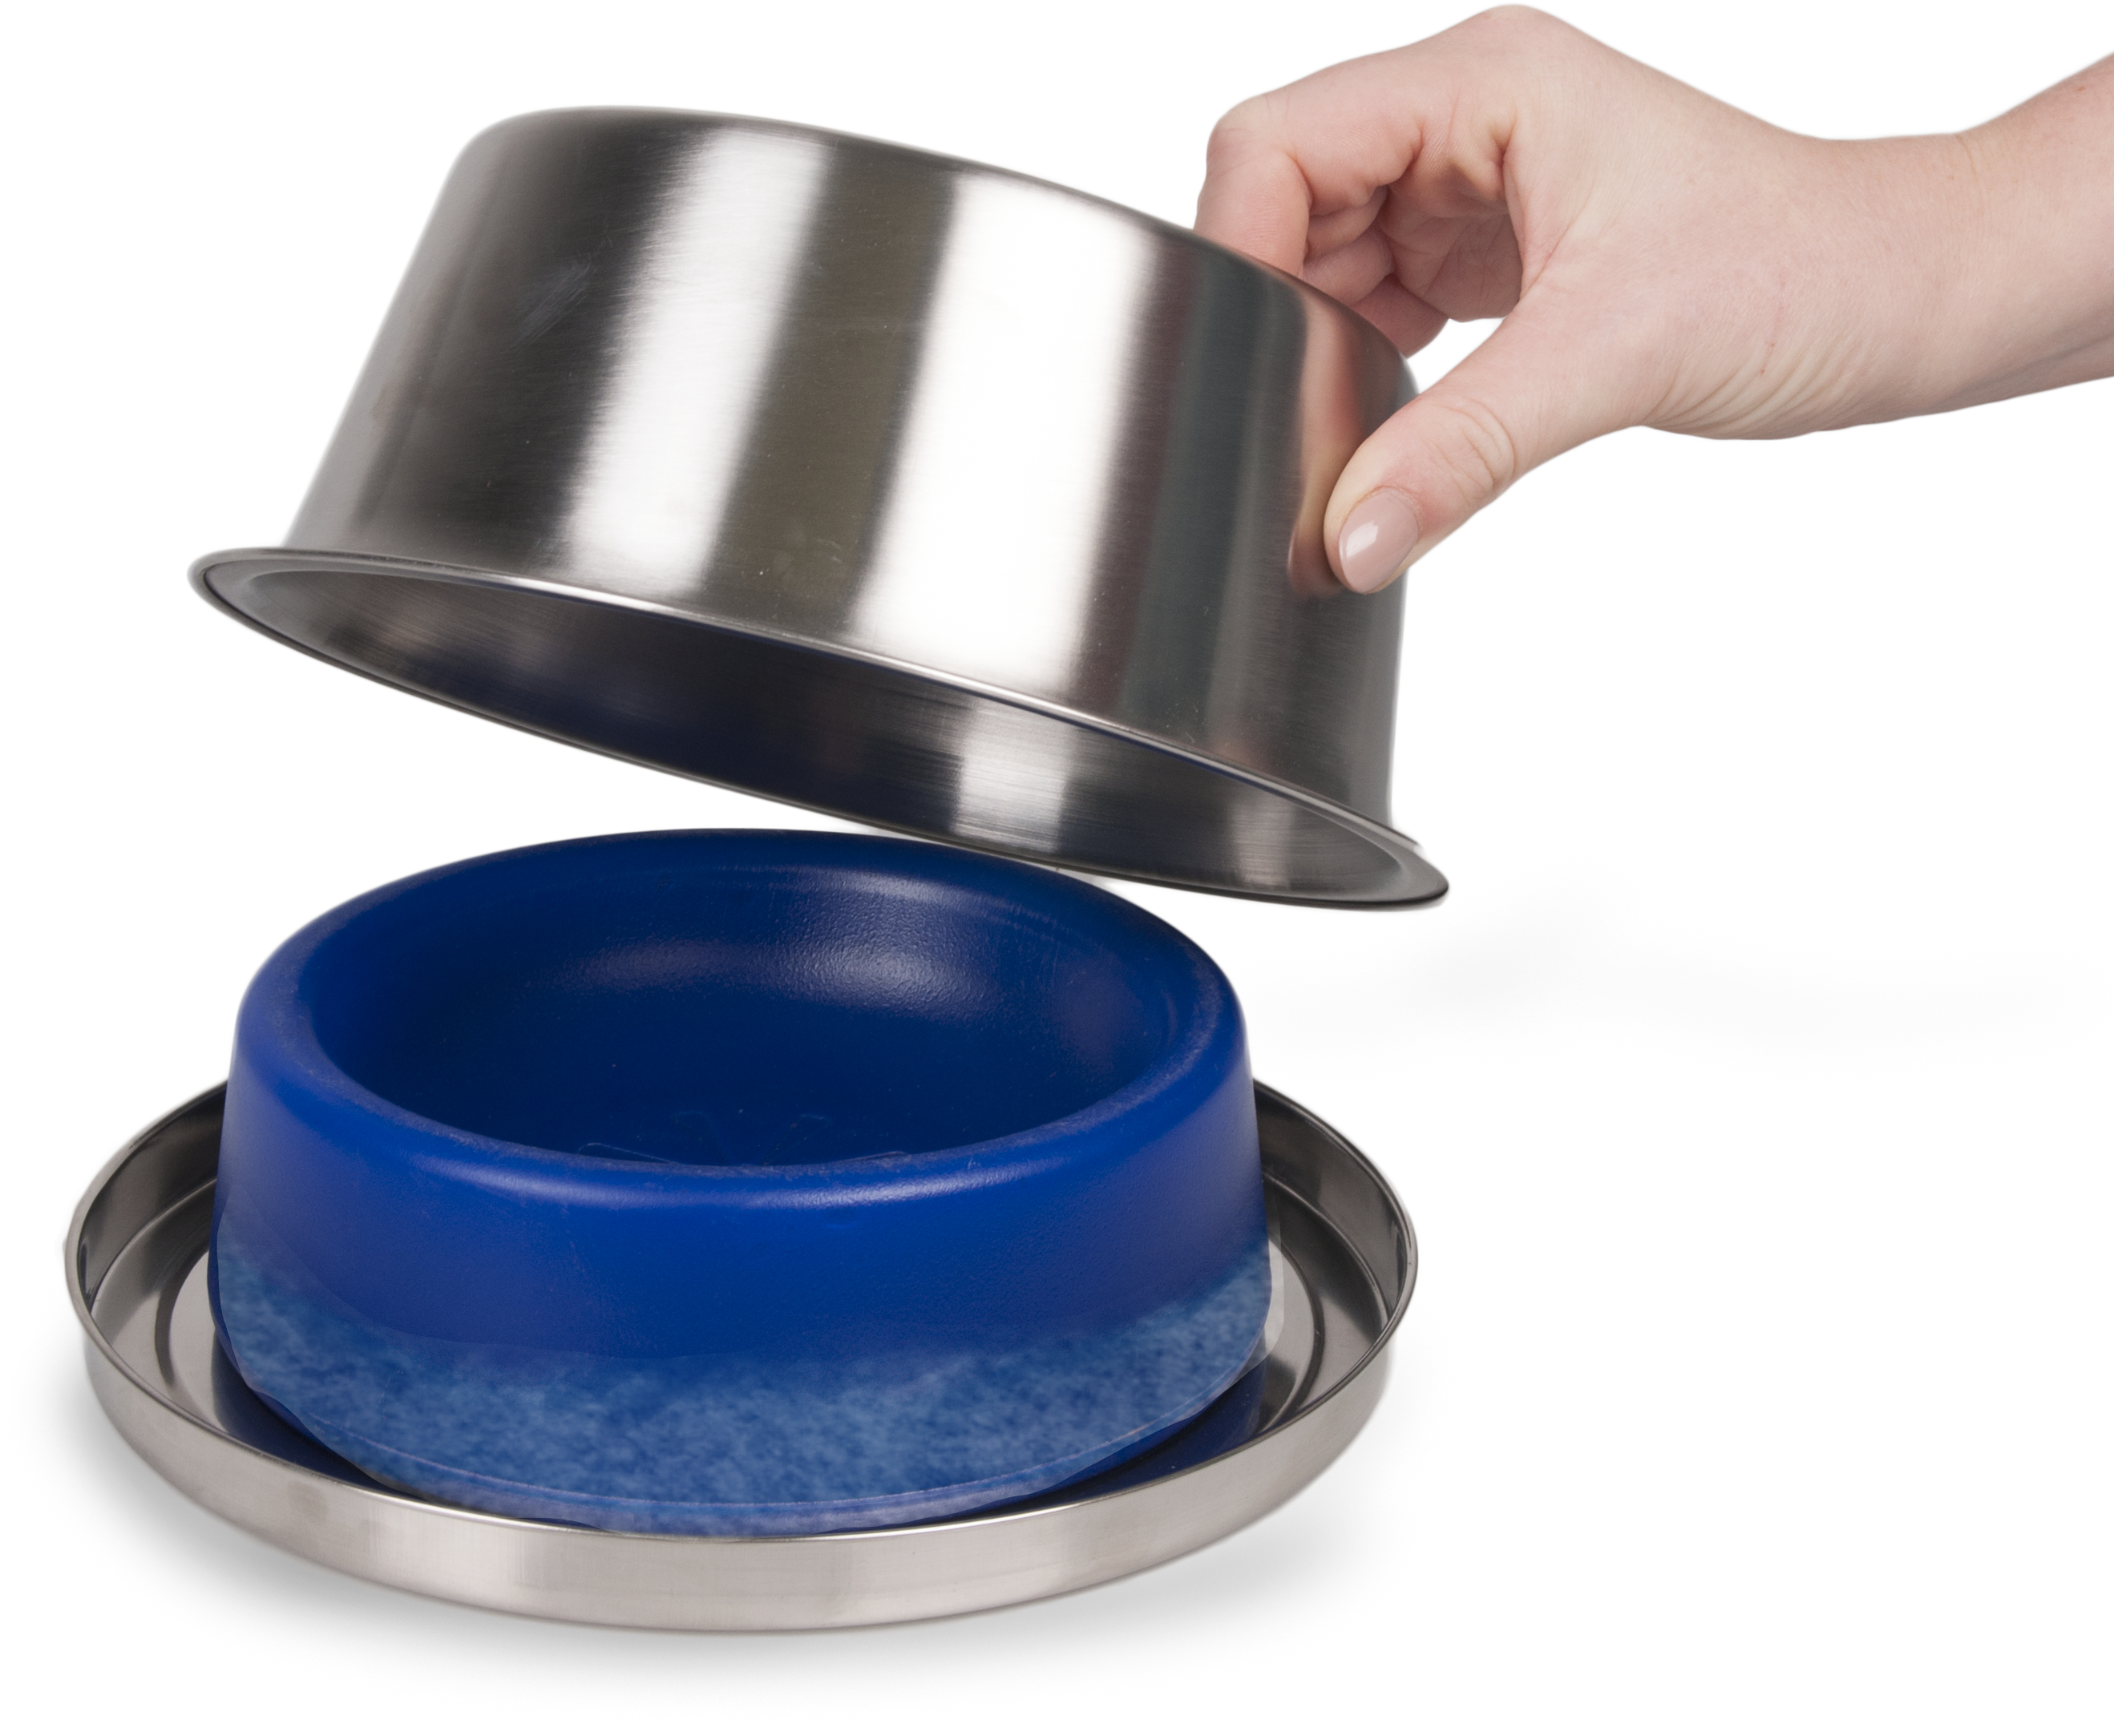 Kylande matskål - 1400 ml